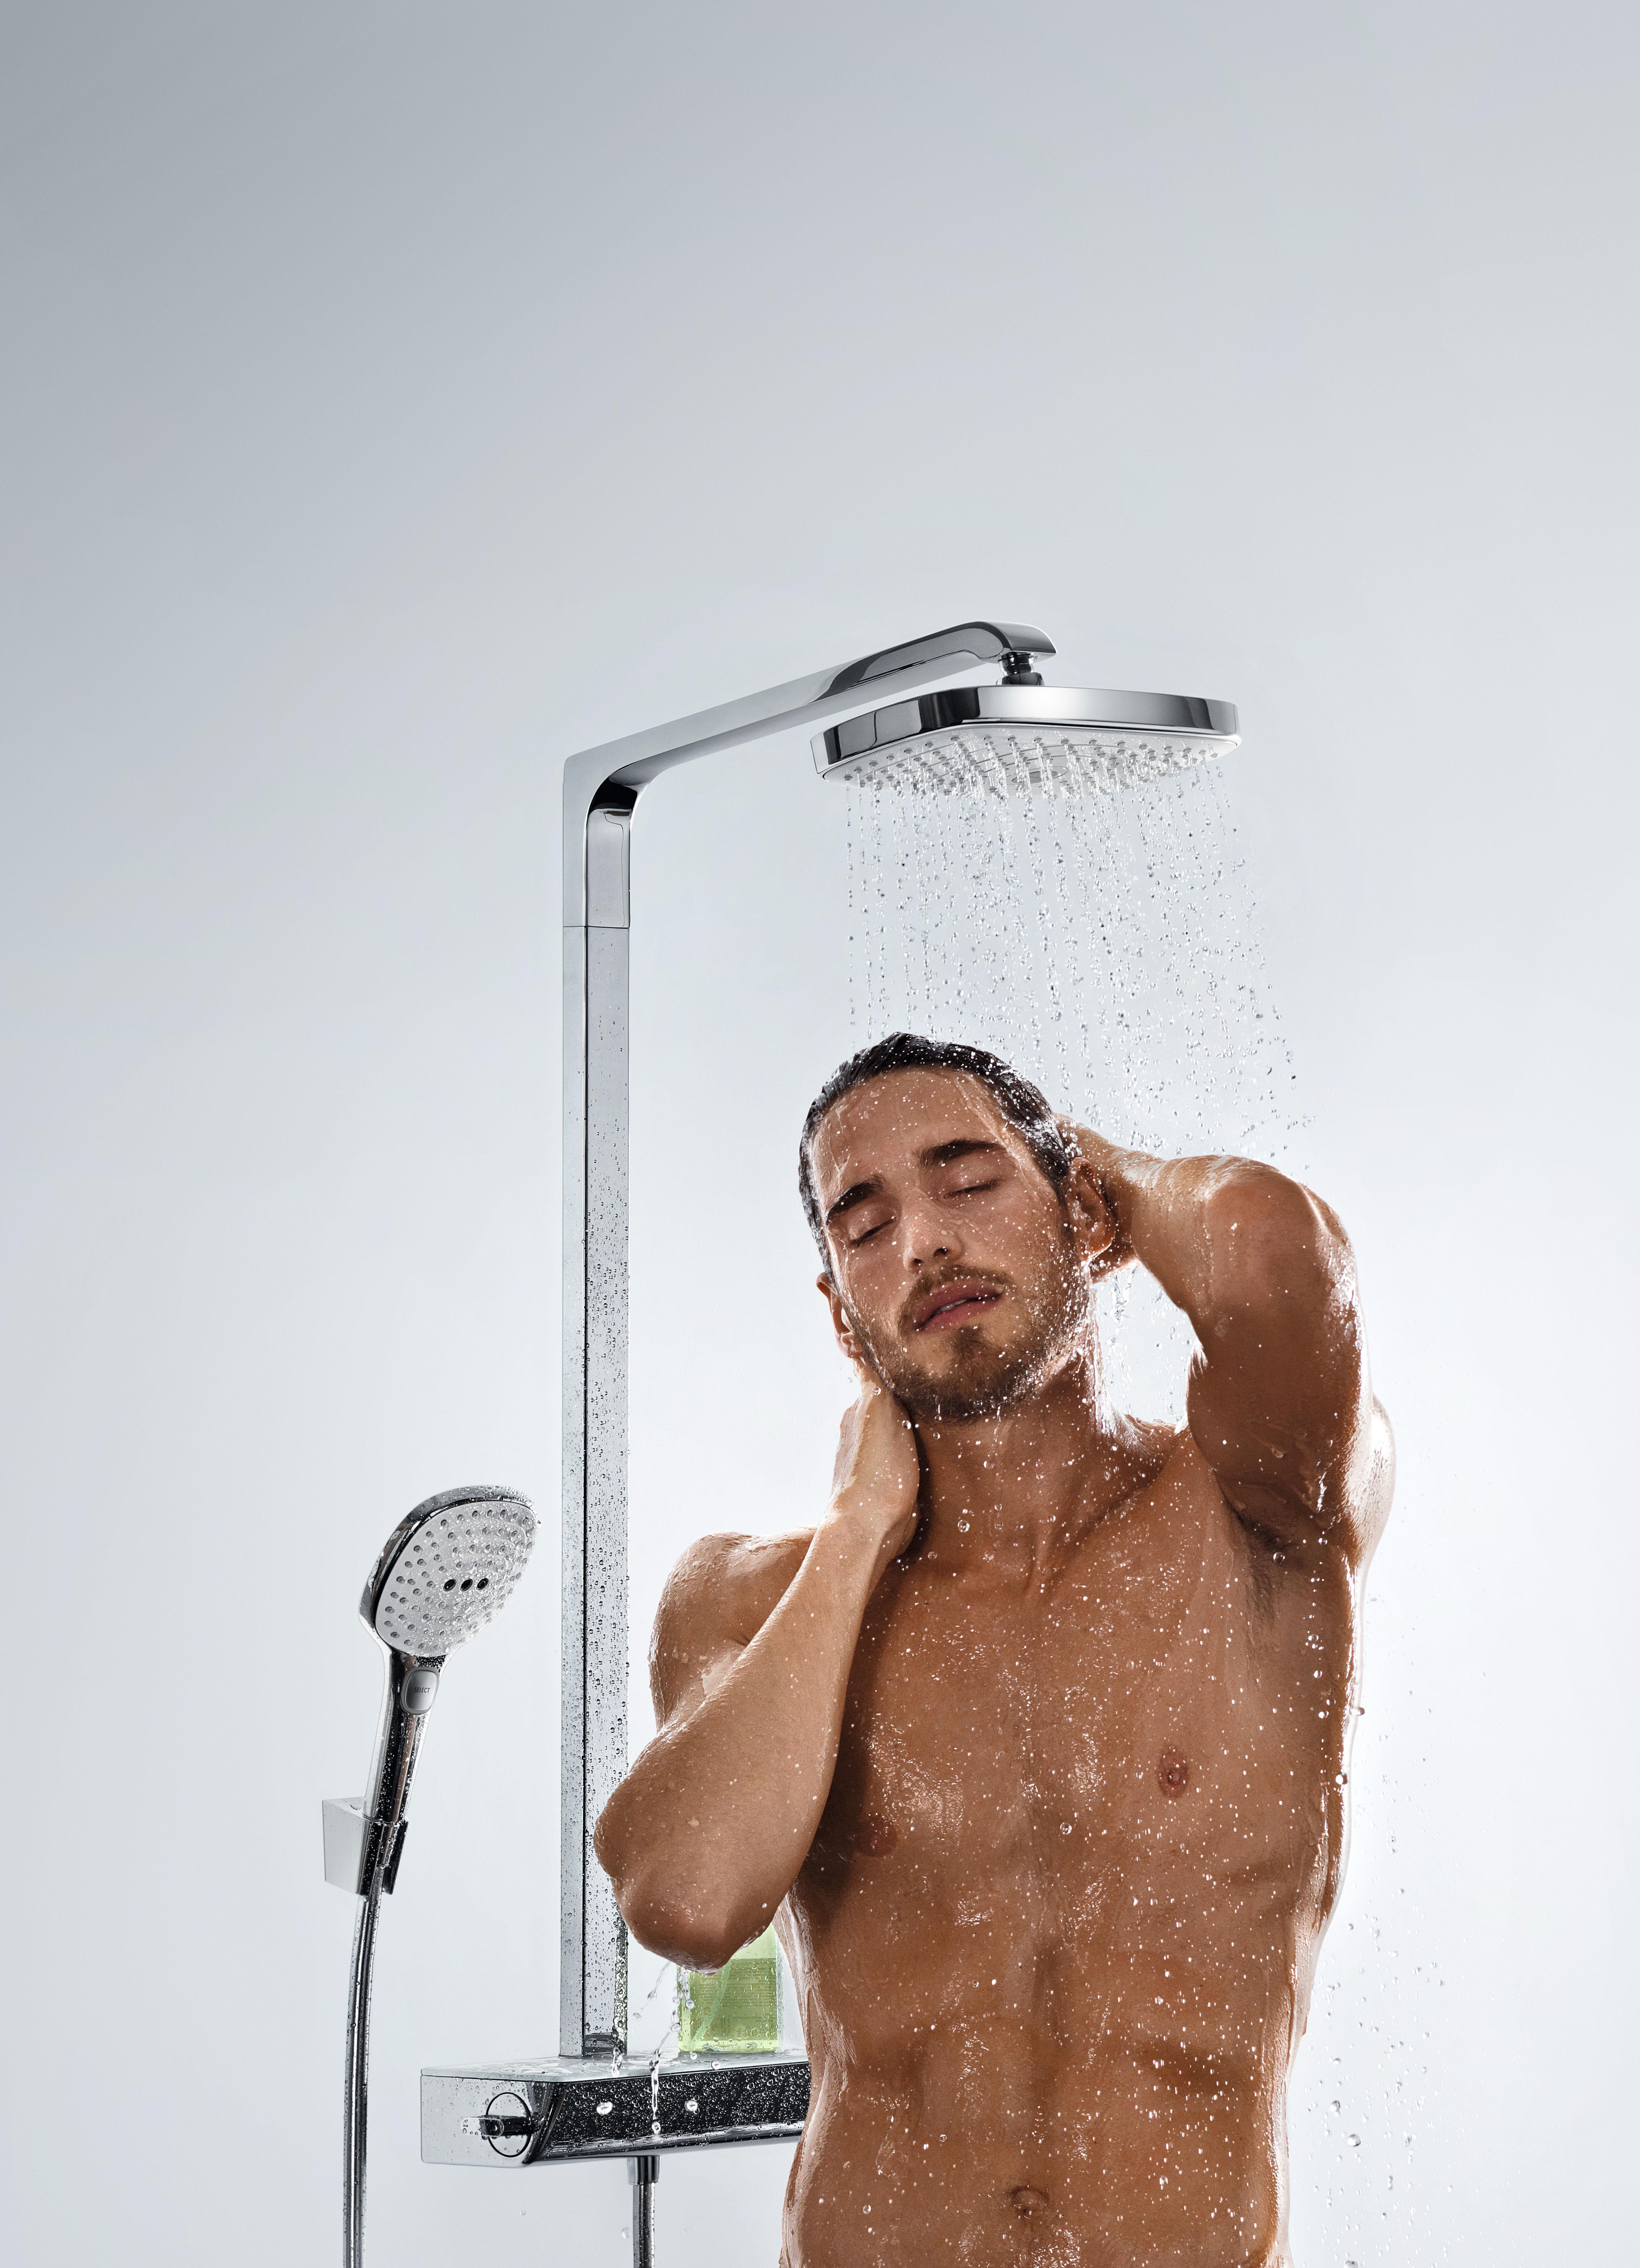 hansgrohe colonne de douche showerpipe avec douchette raindance select e 300 3jets et douche de. Black Bedroom Furniture Sets. Home Design Ideas